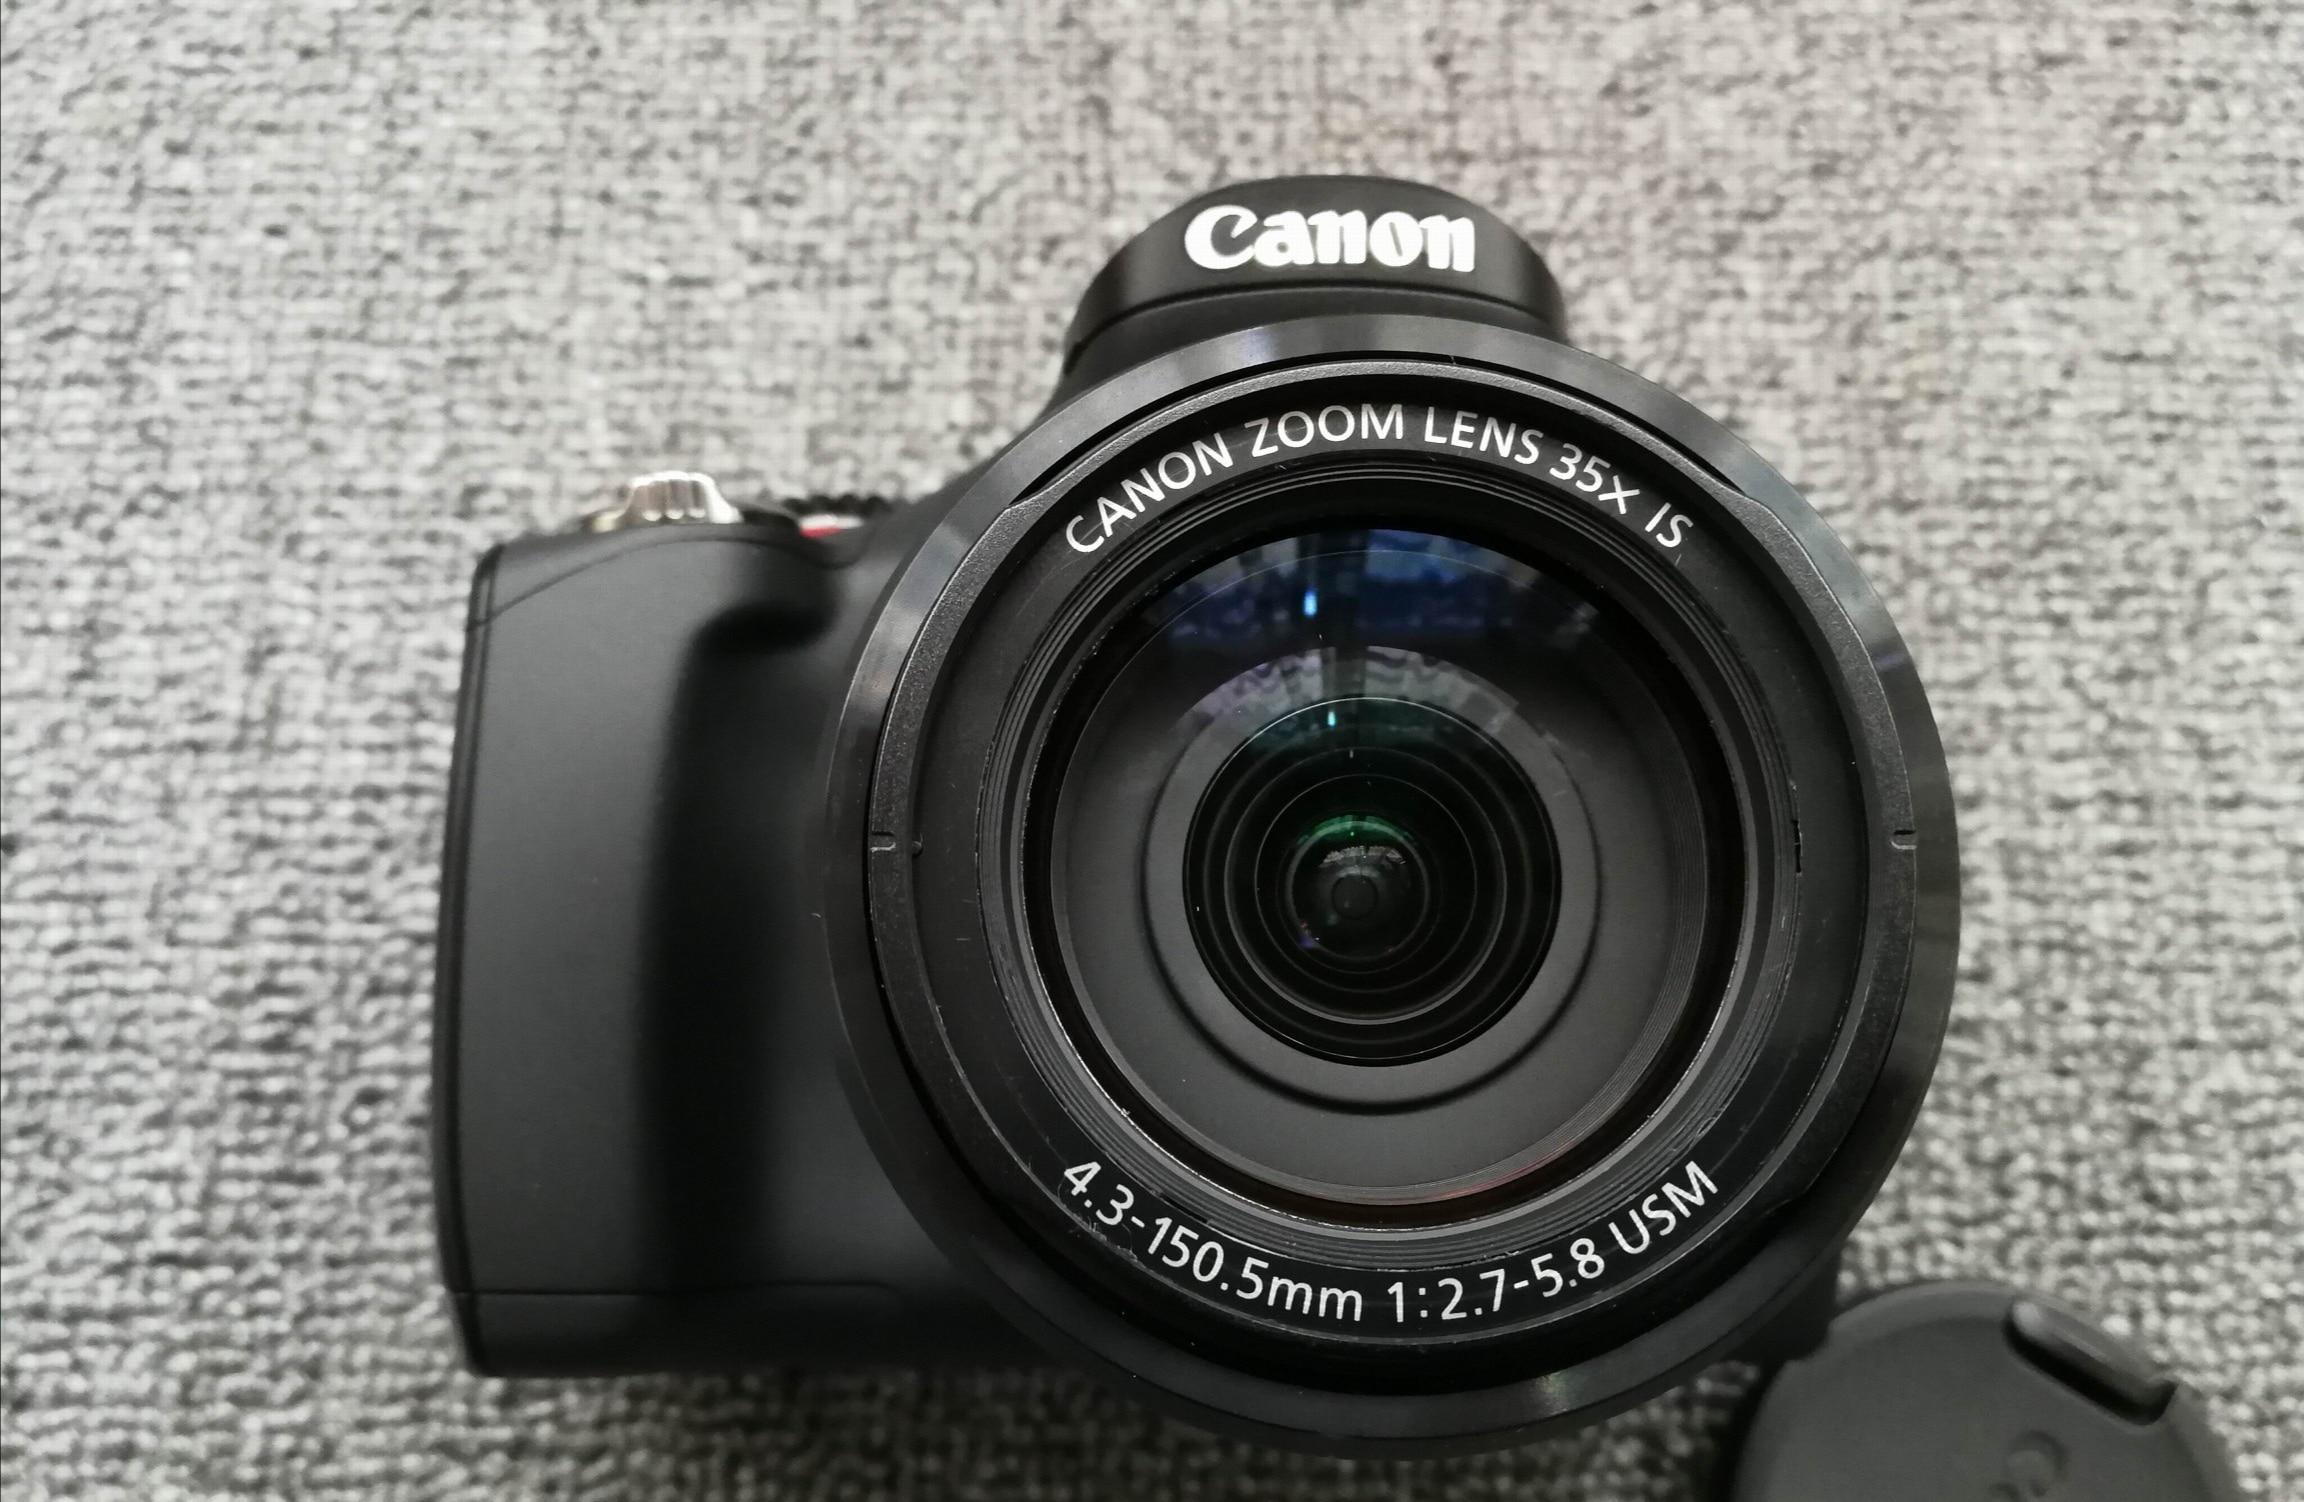 Cámara Digital usada Canon SX40 HS 12.1MP con Zoom estabilizado de imagen...